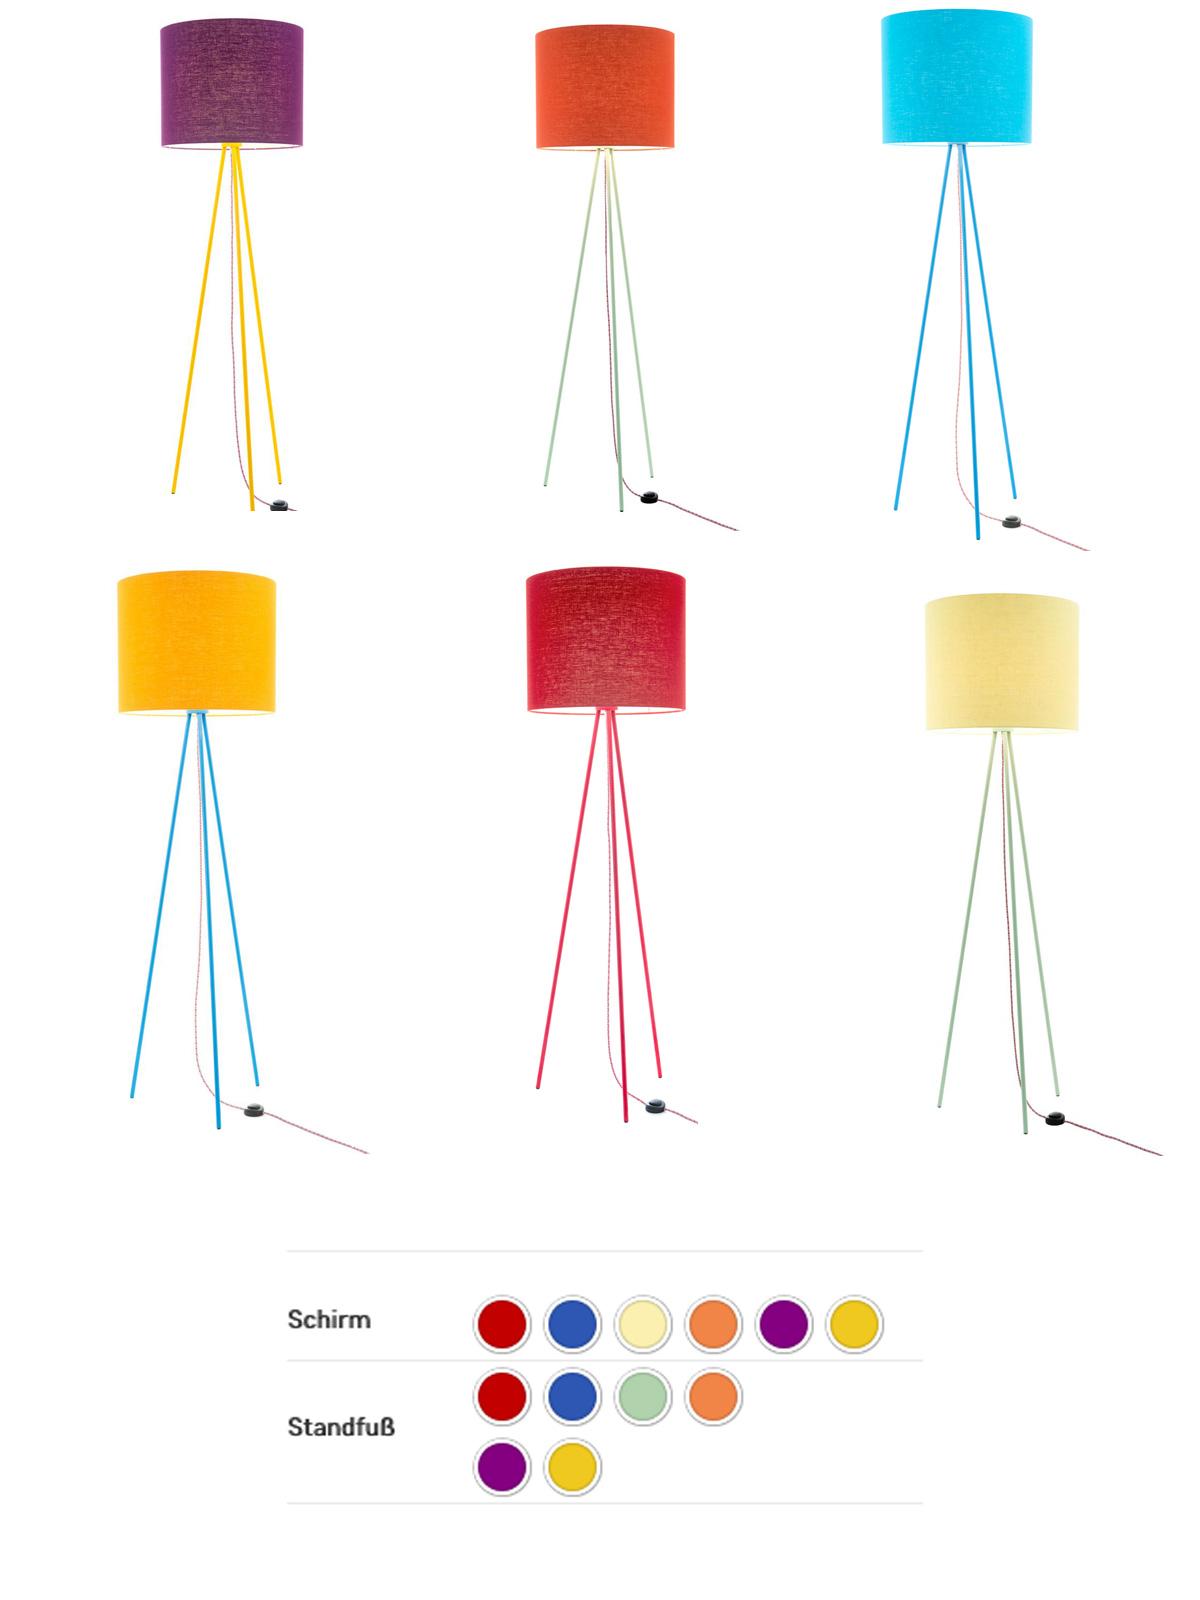 Lumbono Stehlampe Übersicht Textil Farben DesignOrt Onlineshop Leuchten Berlin